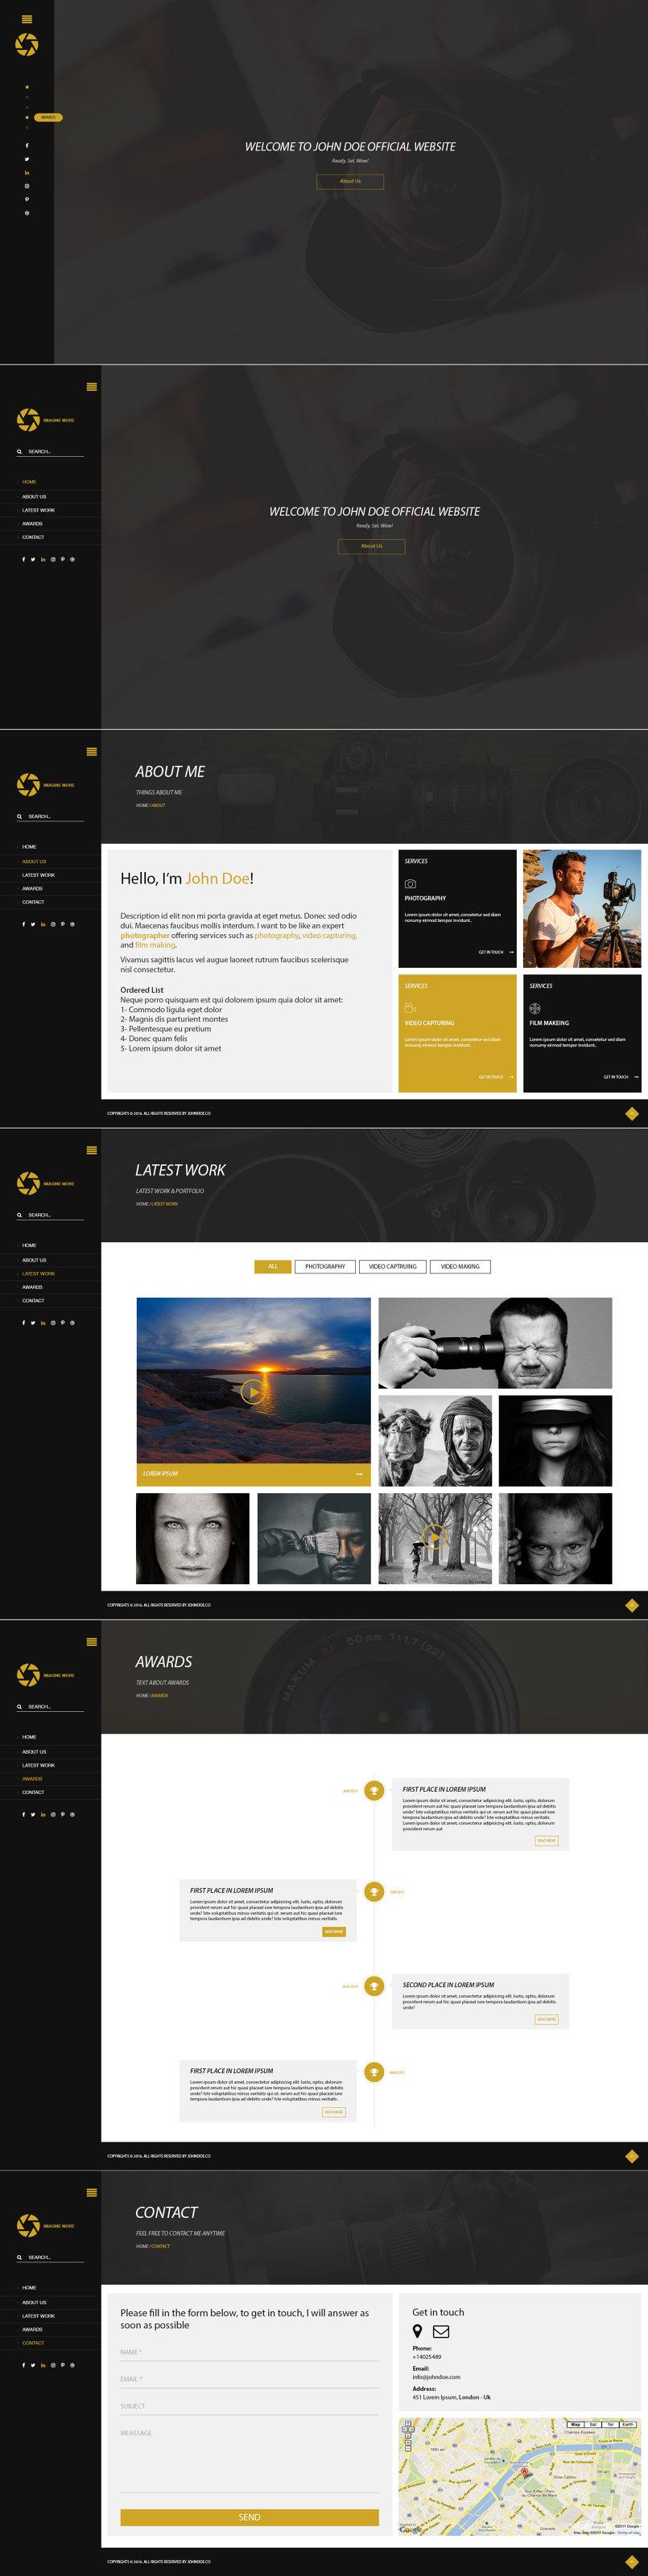 موقع Personal Photographer